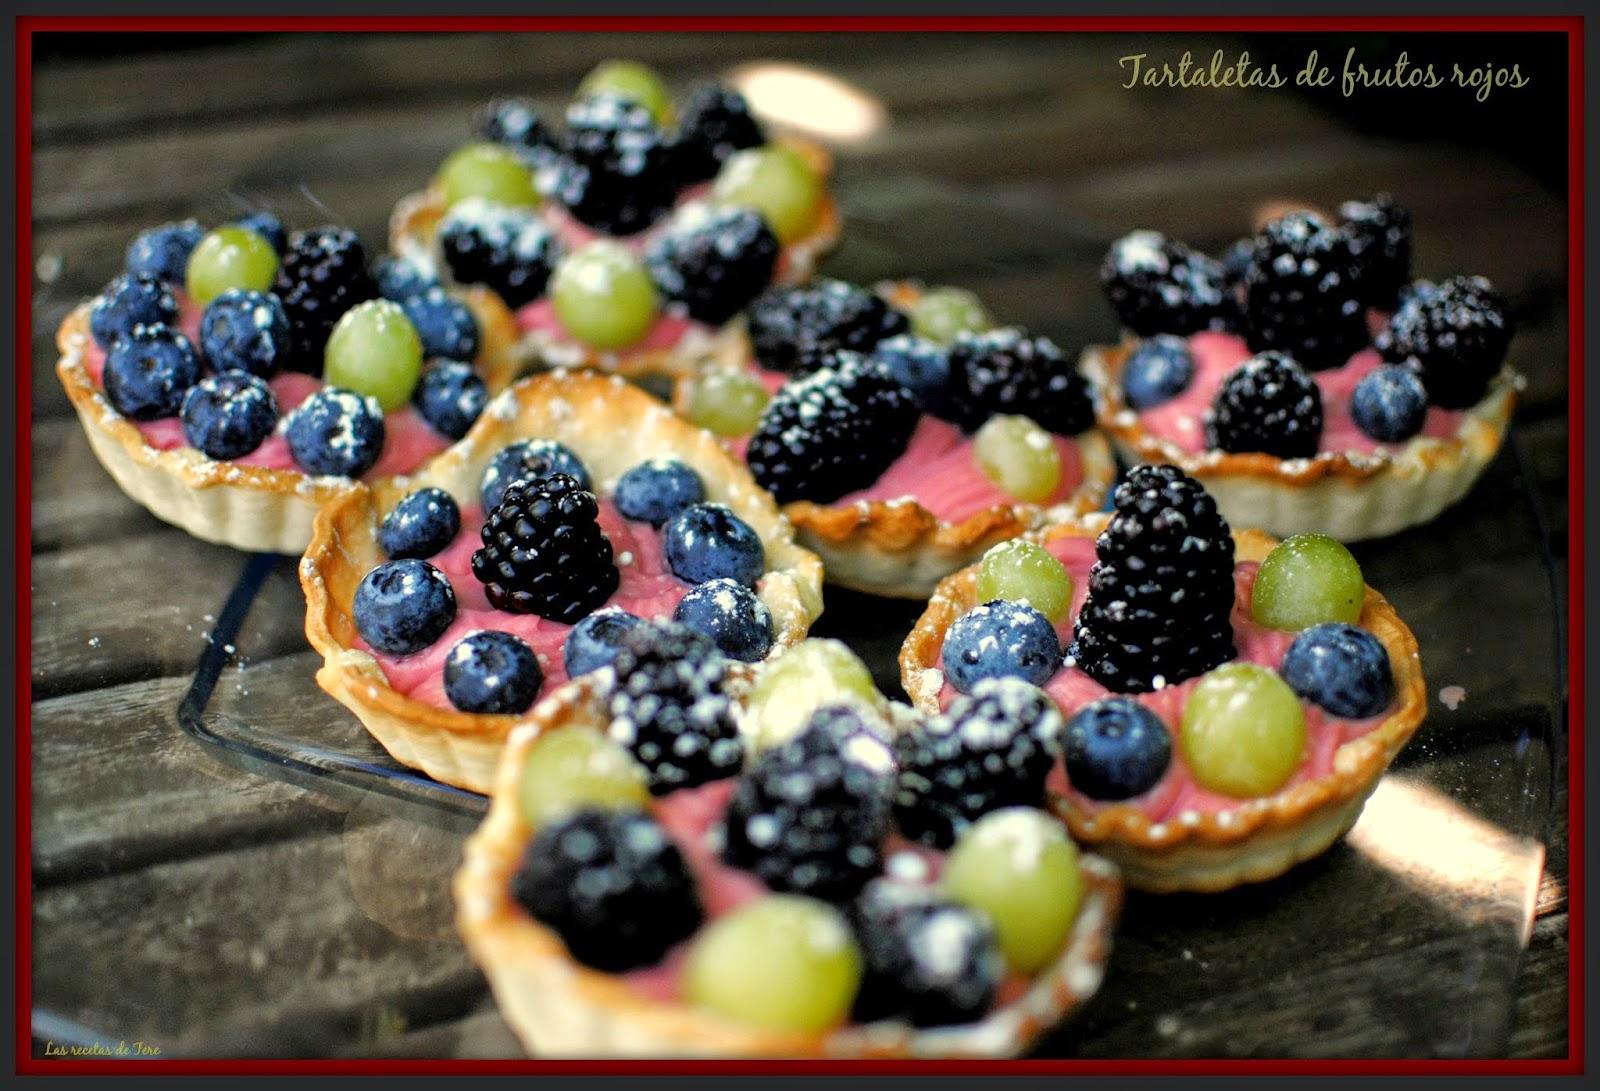 Tartaletas de frutos rojos las recetas de tere 07